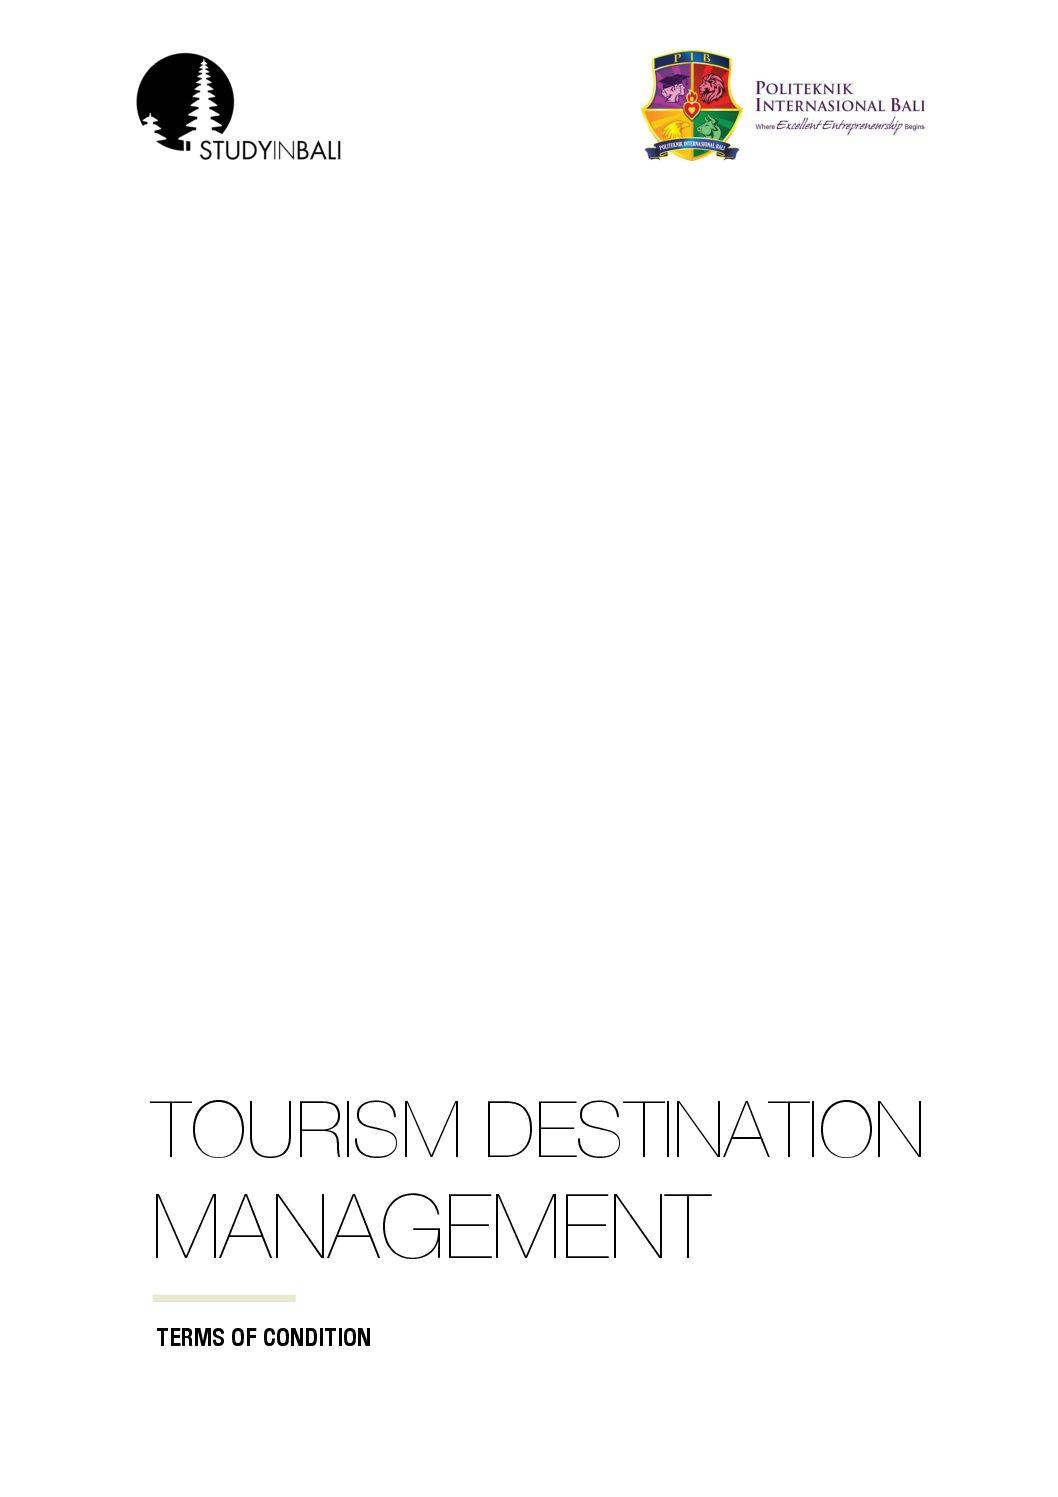 SIB Exotic Tourism Destination Management TOC pdf - Tourism Destination Management